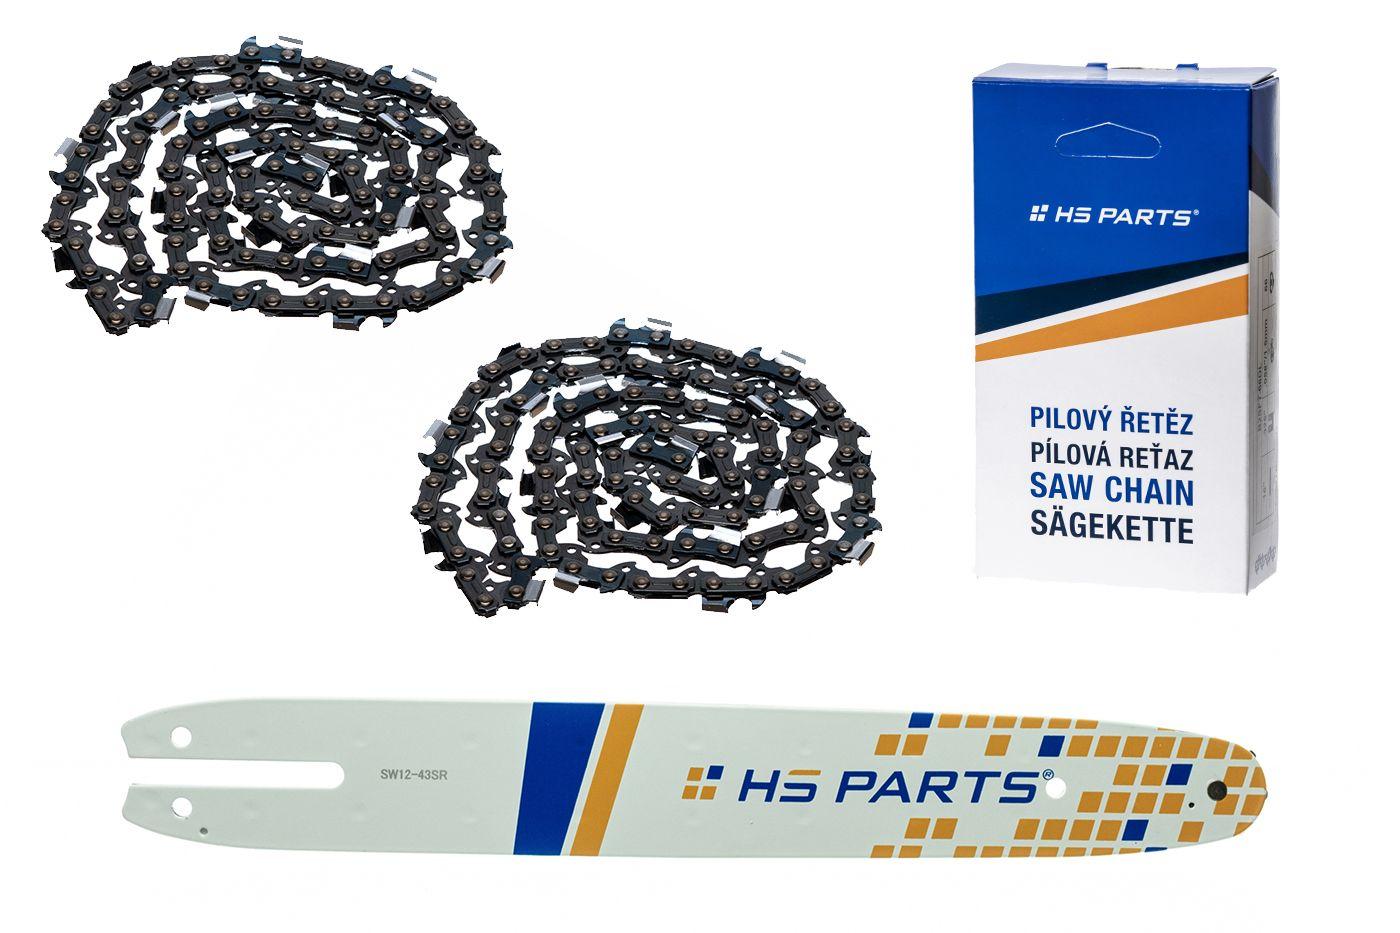 """HS PARTS Akční set vodící lišta 12"""" (30 cm) 3/8"""" .043"""" (1,1 mm) + 2 x pilový řetěz 44 čl."""